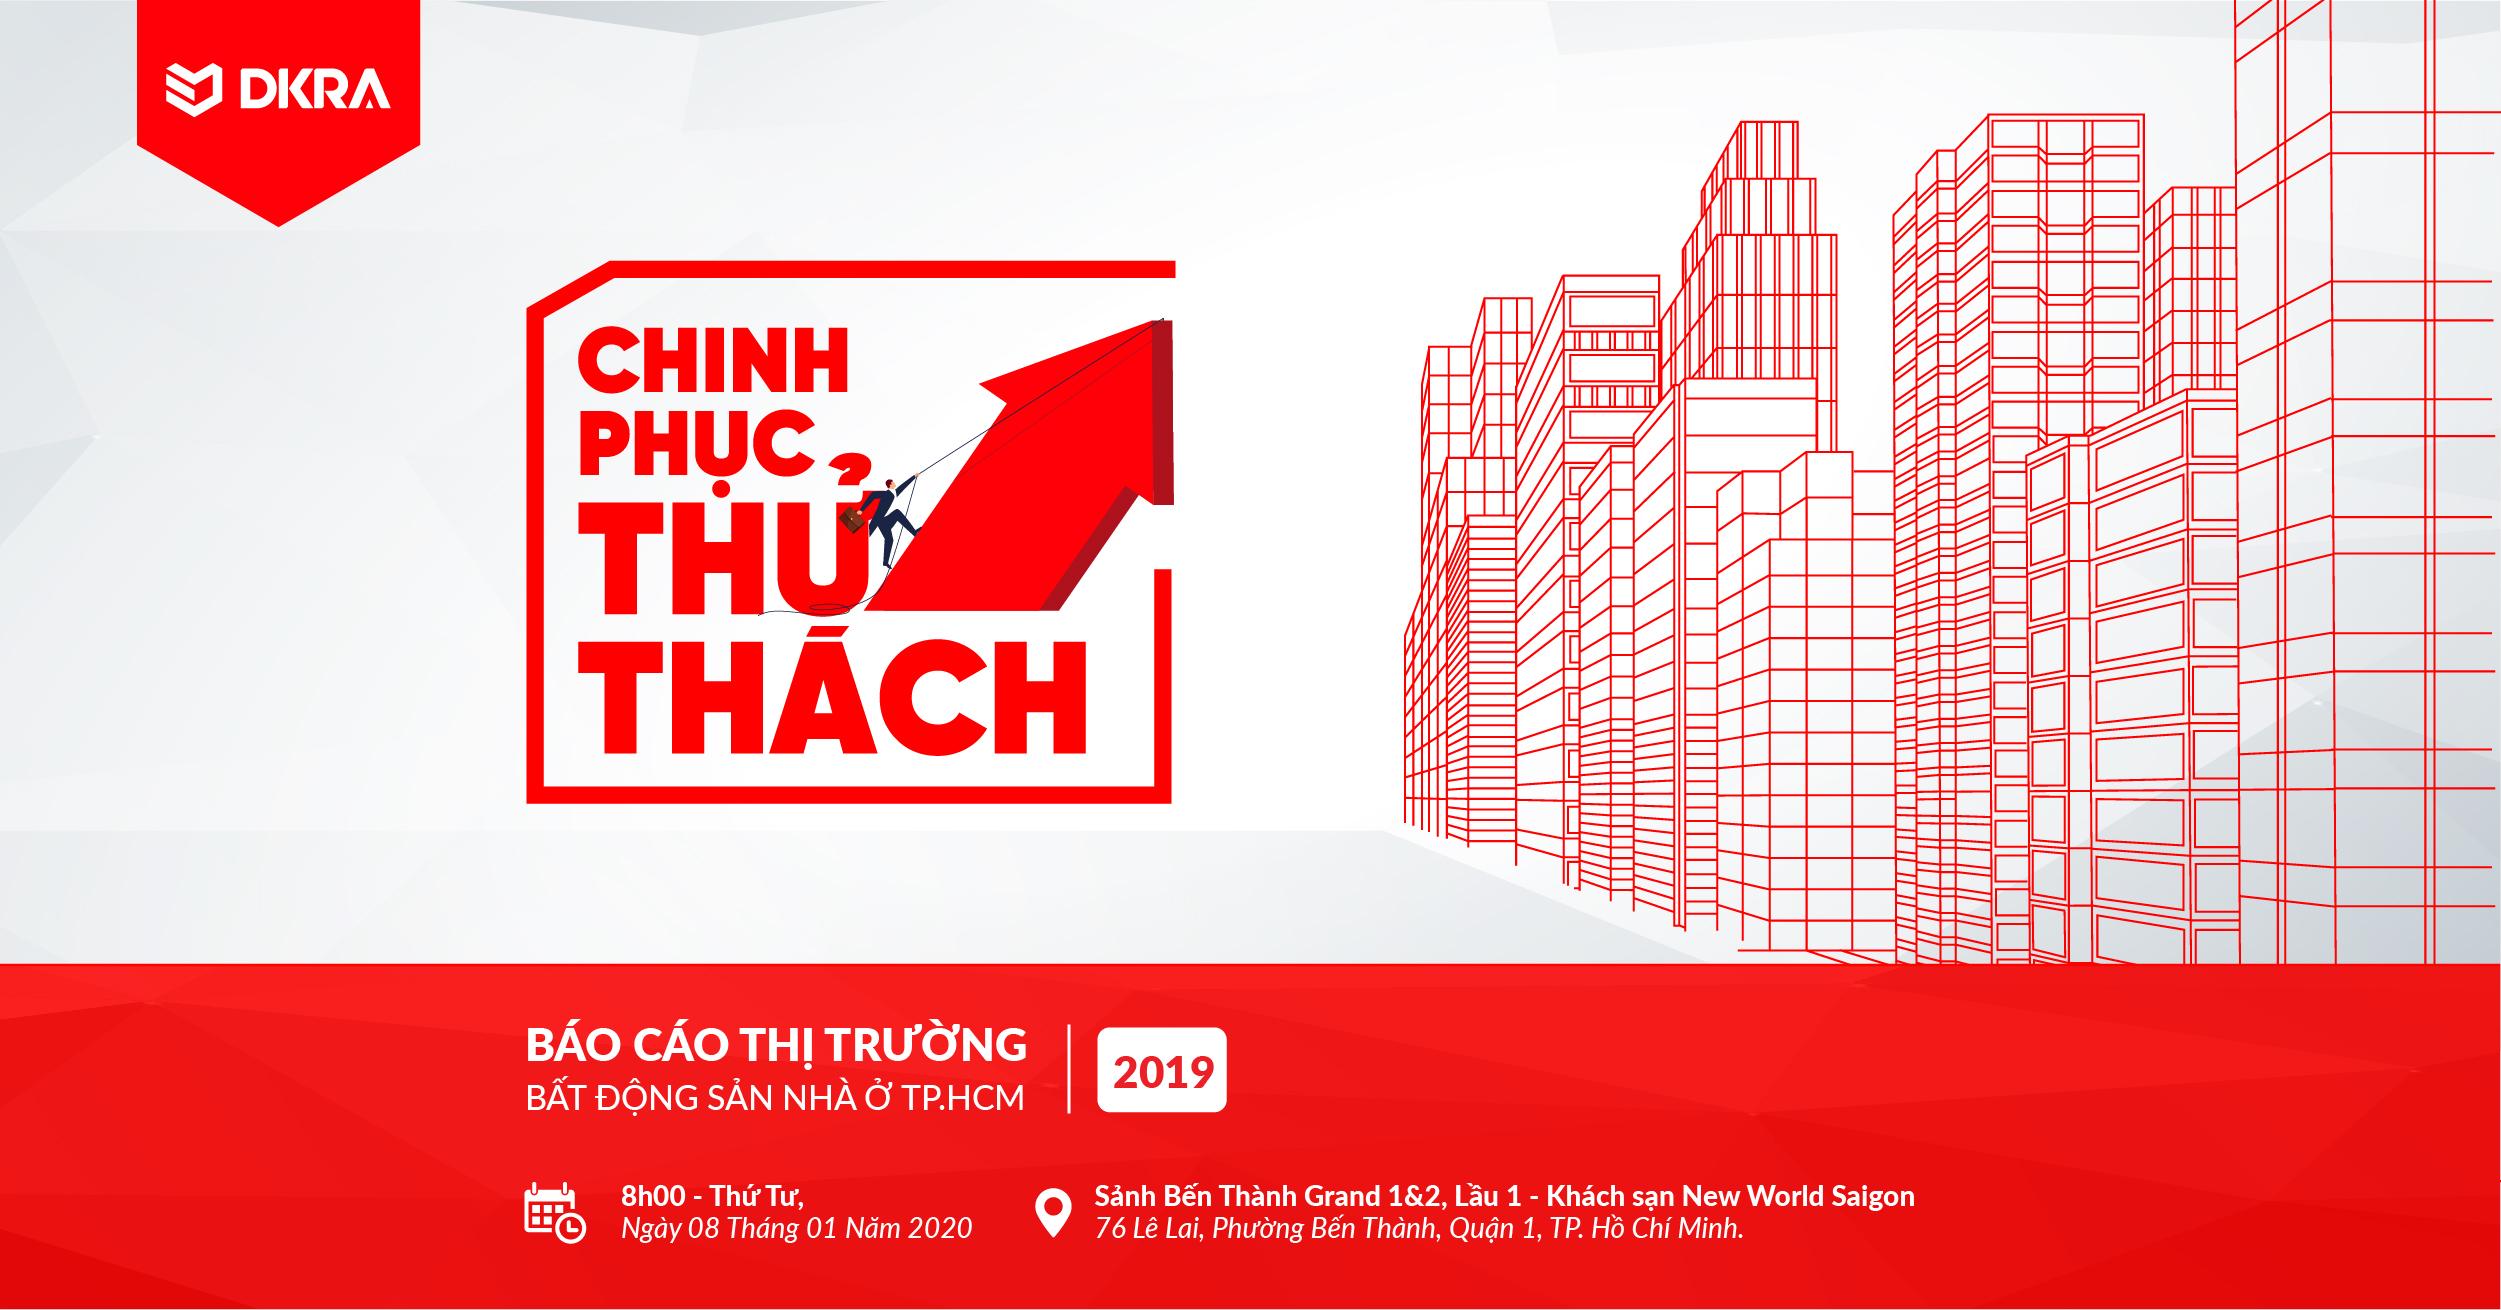 """BÁO CÁO THỊ TRƯỜNG BĐS NHÀ Ở TP.HCM 2019,  CHỦ ĐỀ: """"CHINH PHỤC THỬ THÁCH"""""""